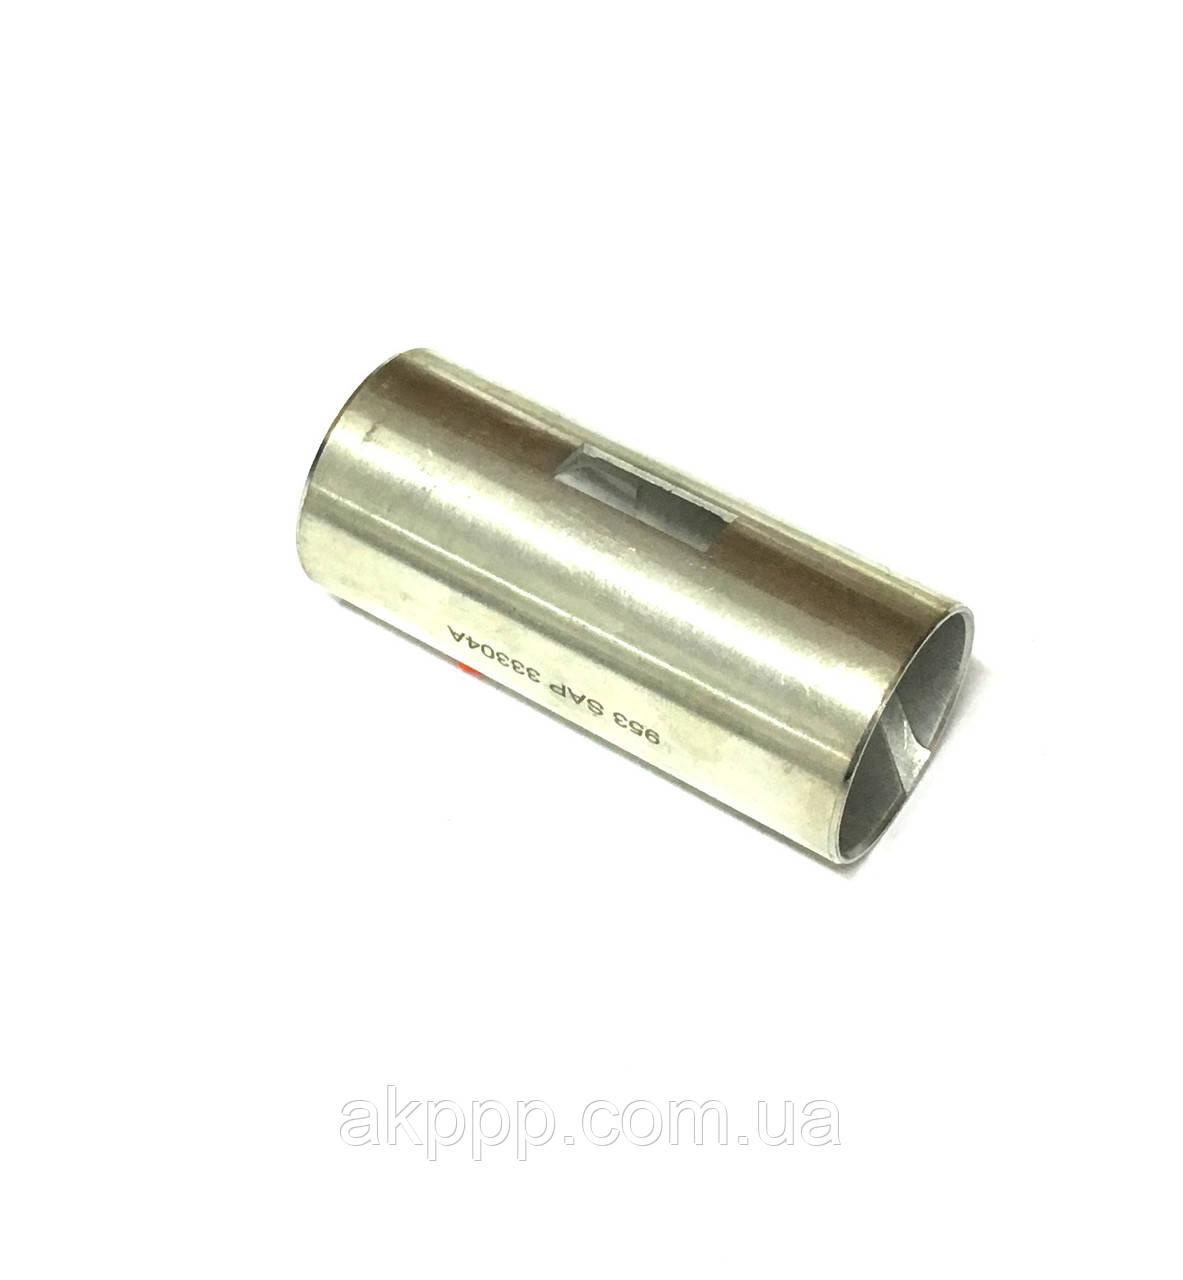 Втулки для акпп 4L80E